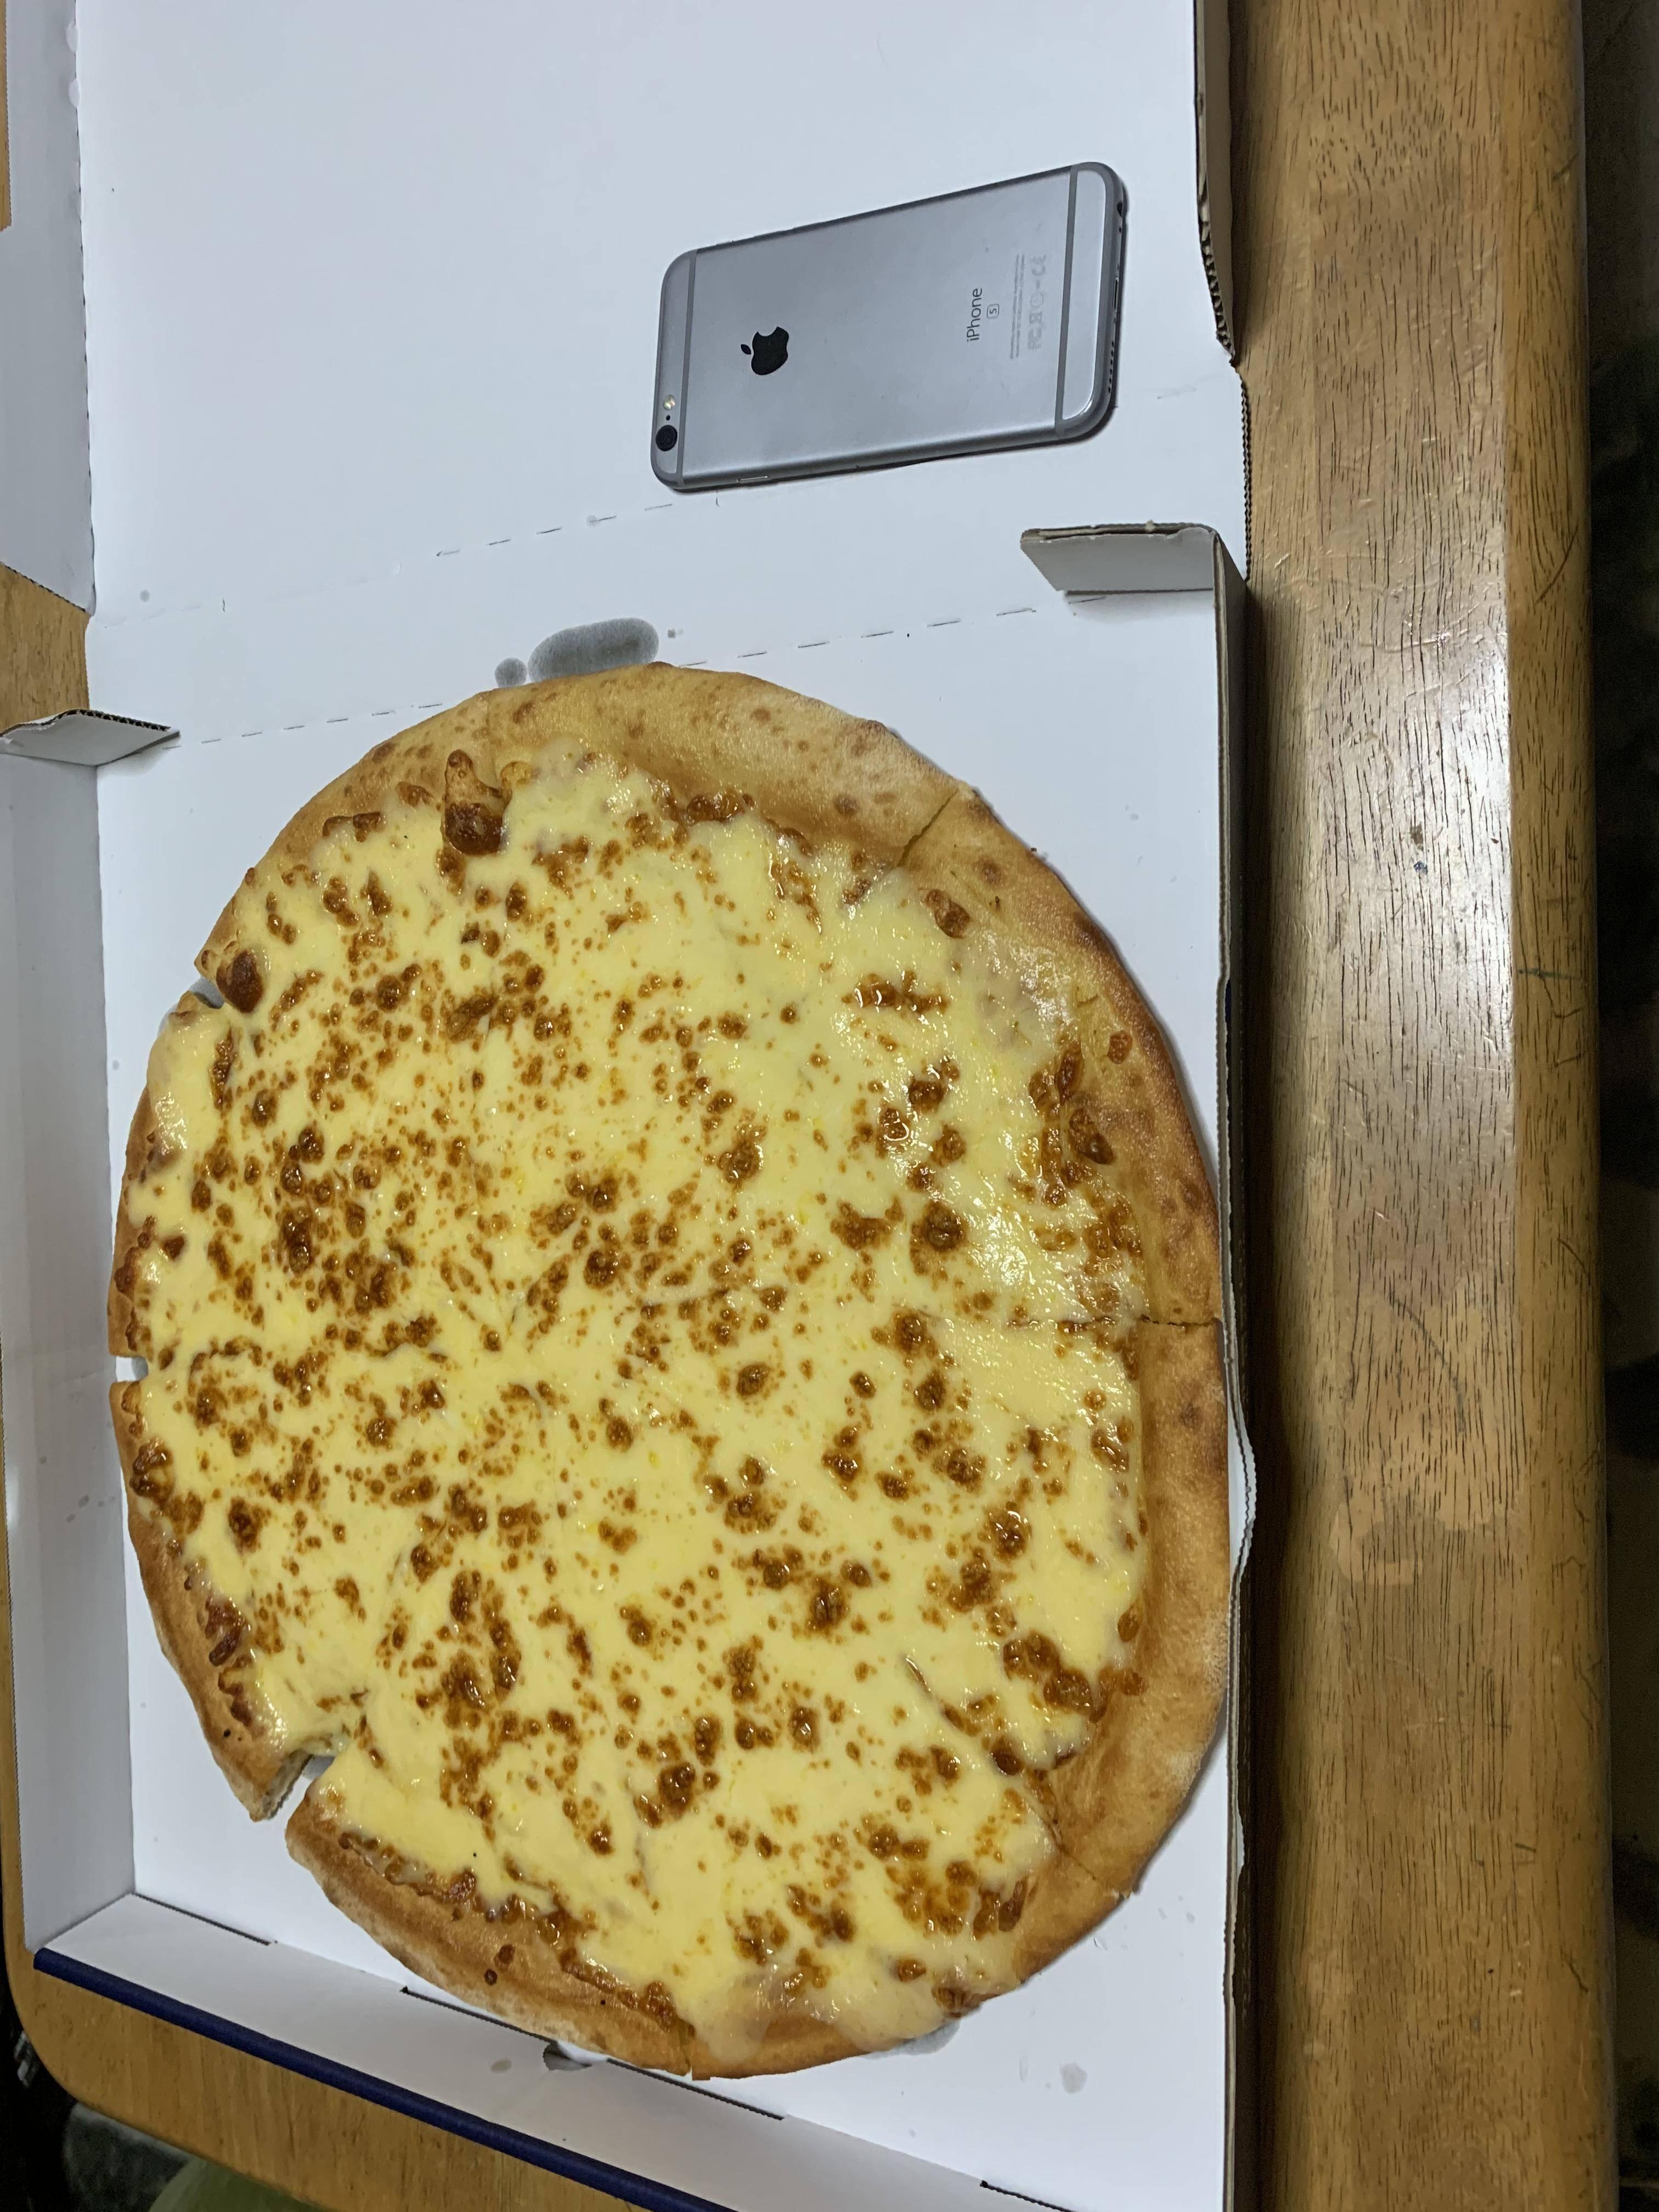 【画像】ドミノピザ買ってきた(ニューヨーカー1キロウルトラチーズ)